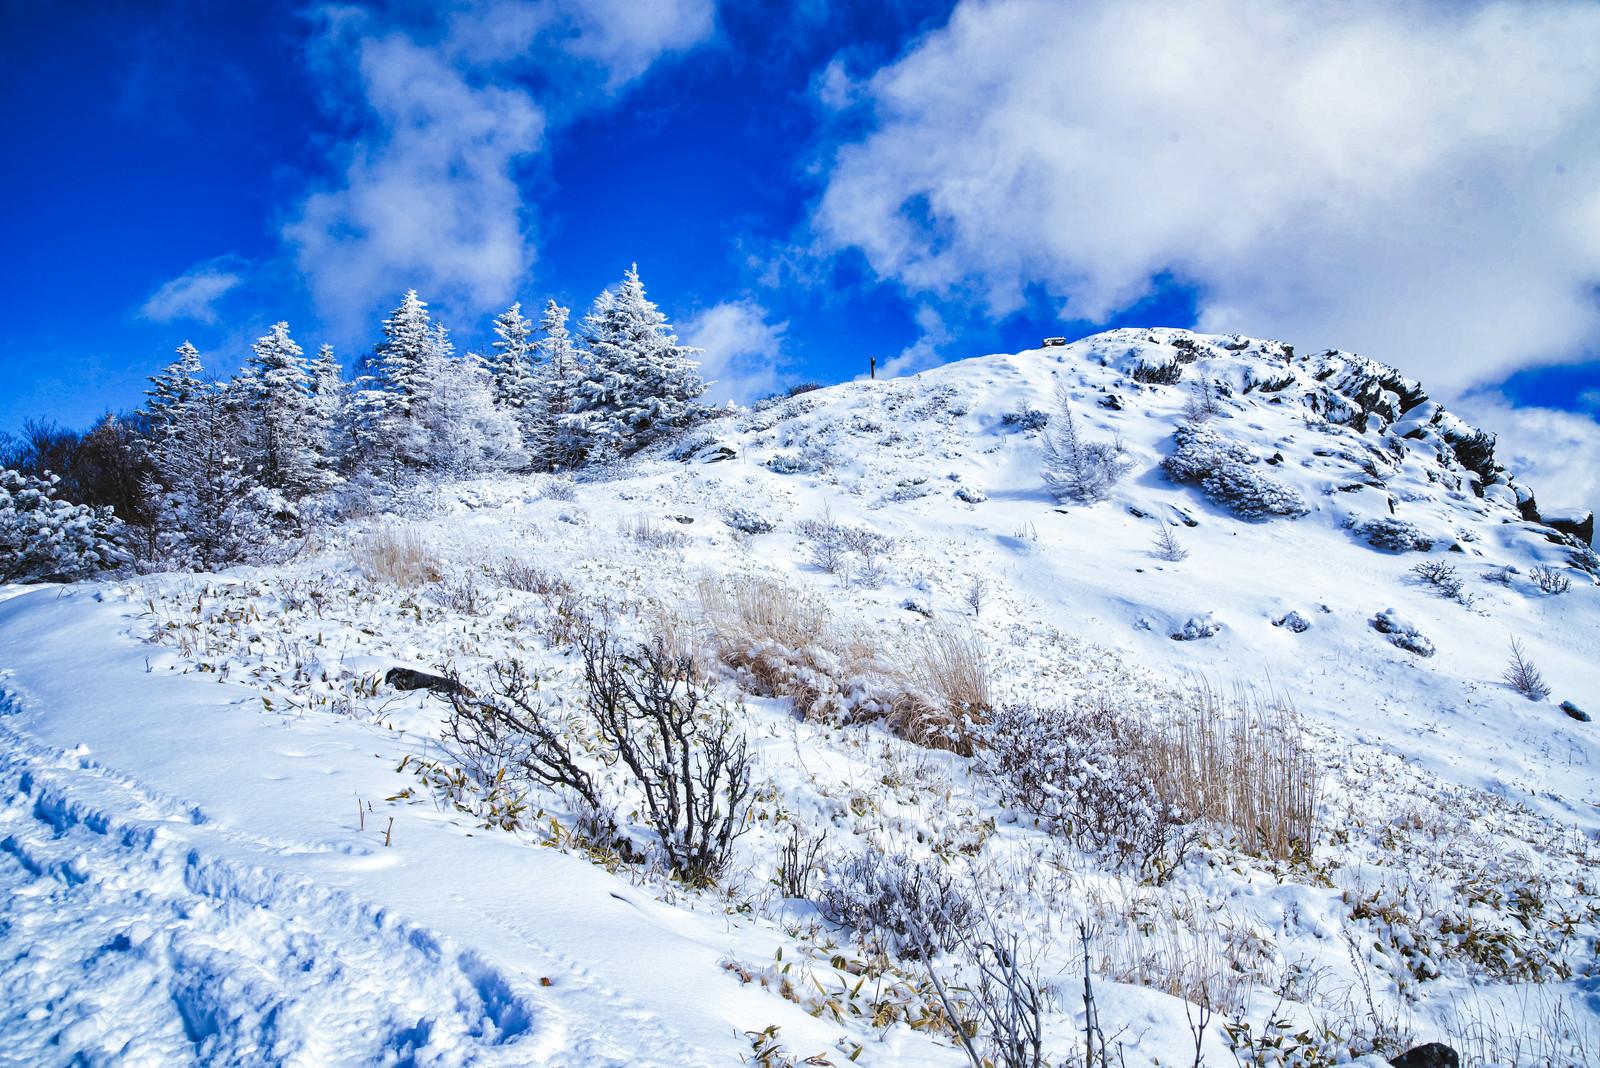 「雪に覆われた王ヶ鼻(北アルプス)」の写真